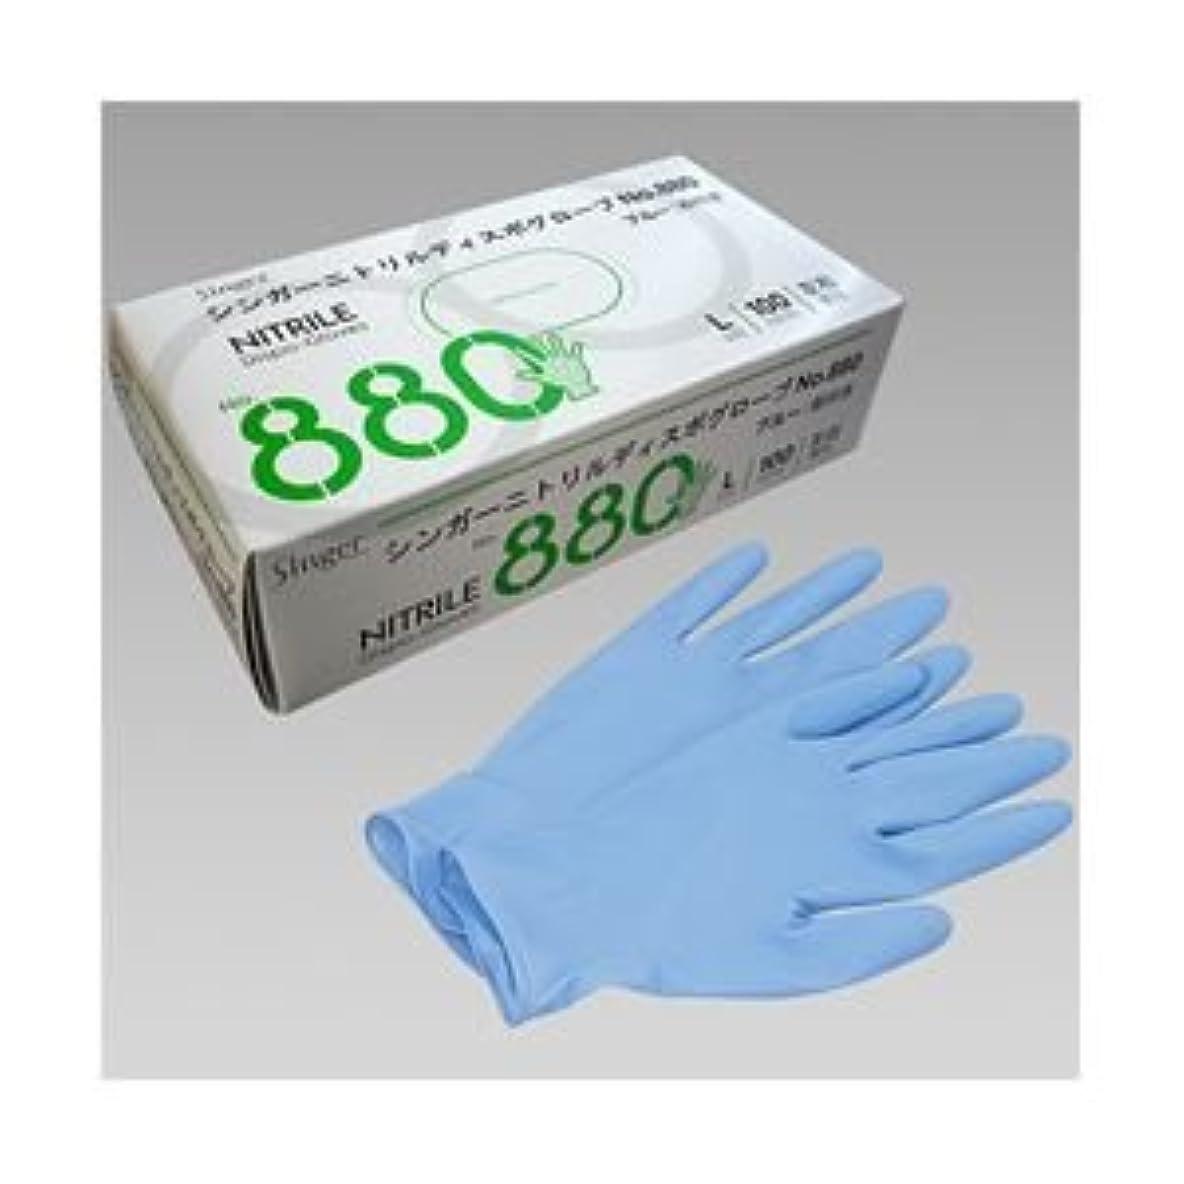 開発する落ち着かないボイド宇都宮製作 ニトリル手袋 粉付き ブルー L 1箱(100枚) ×5セット